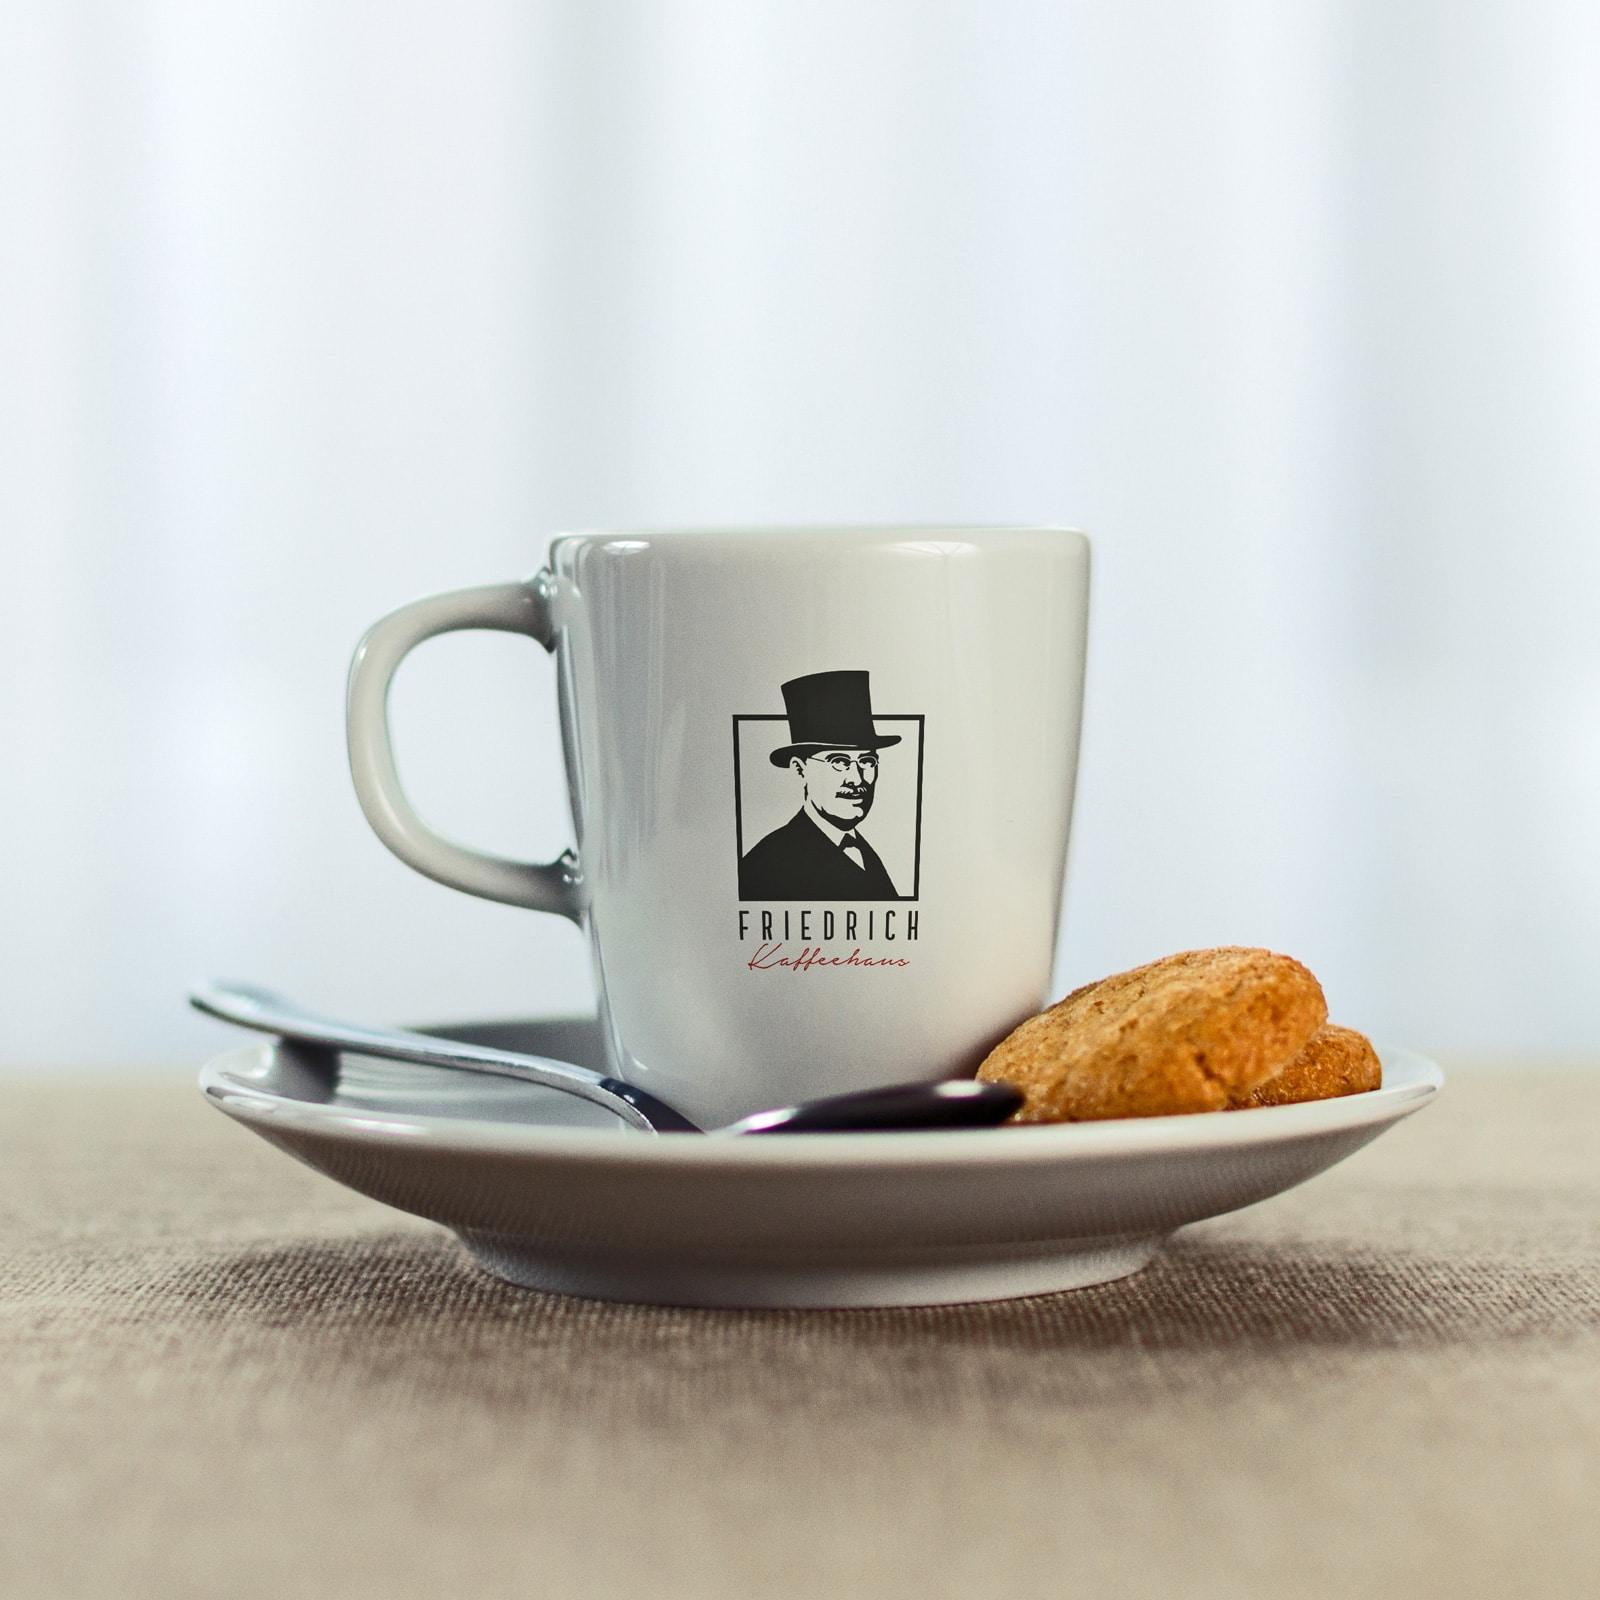 raiffeisen-friedrich-kaffeehaus-branding-espressotasse